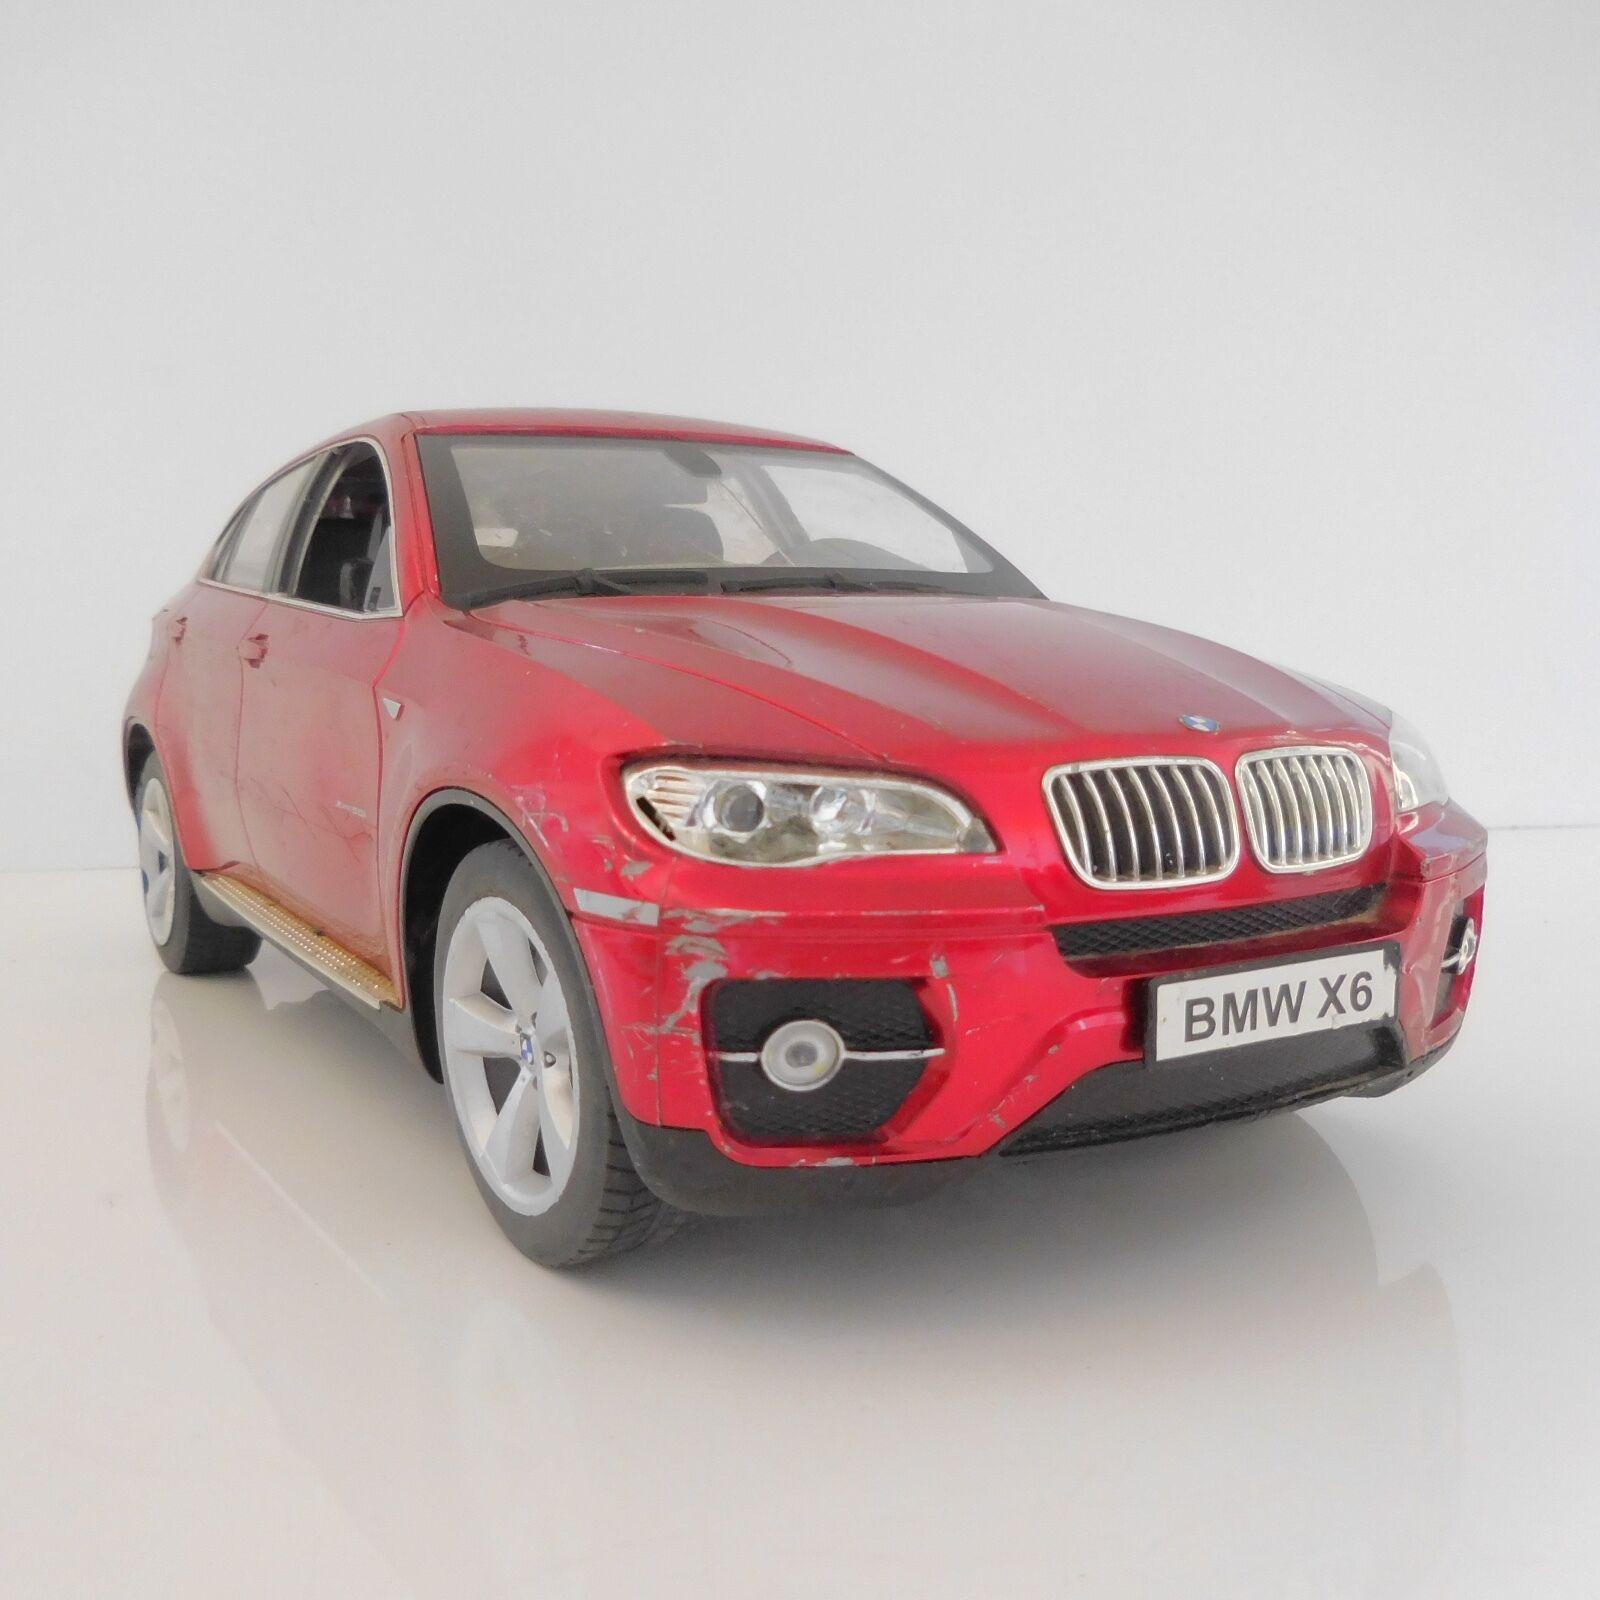 Toison aime les Jeux olympiques, la phrase d'or envoie envoie envoie un cadeau Voiture BMW X6   Une Performance Supérieure  beb27e